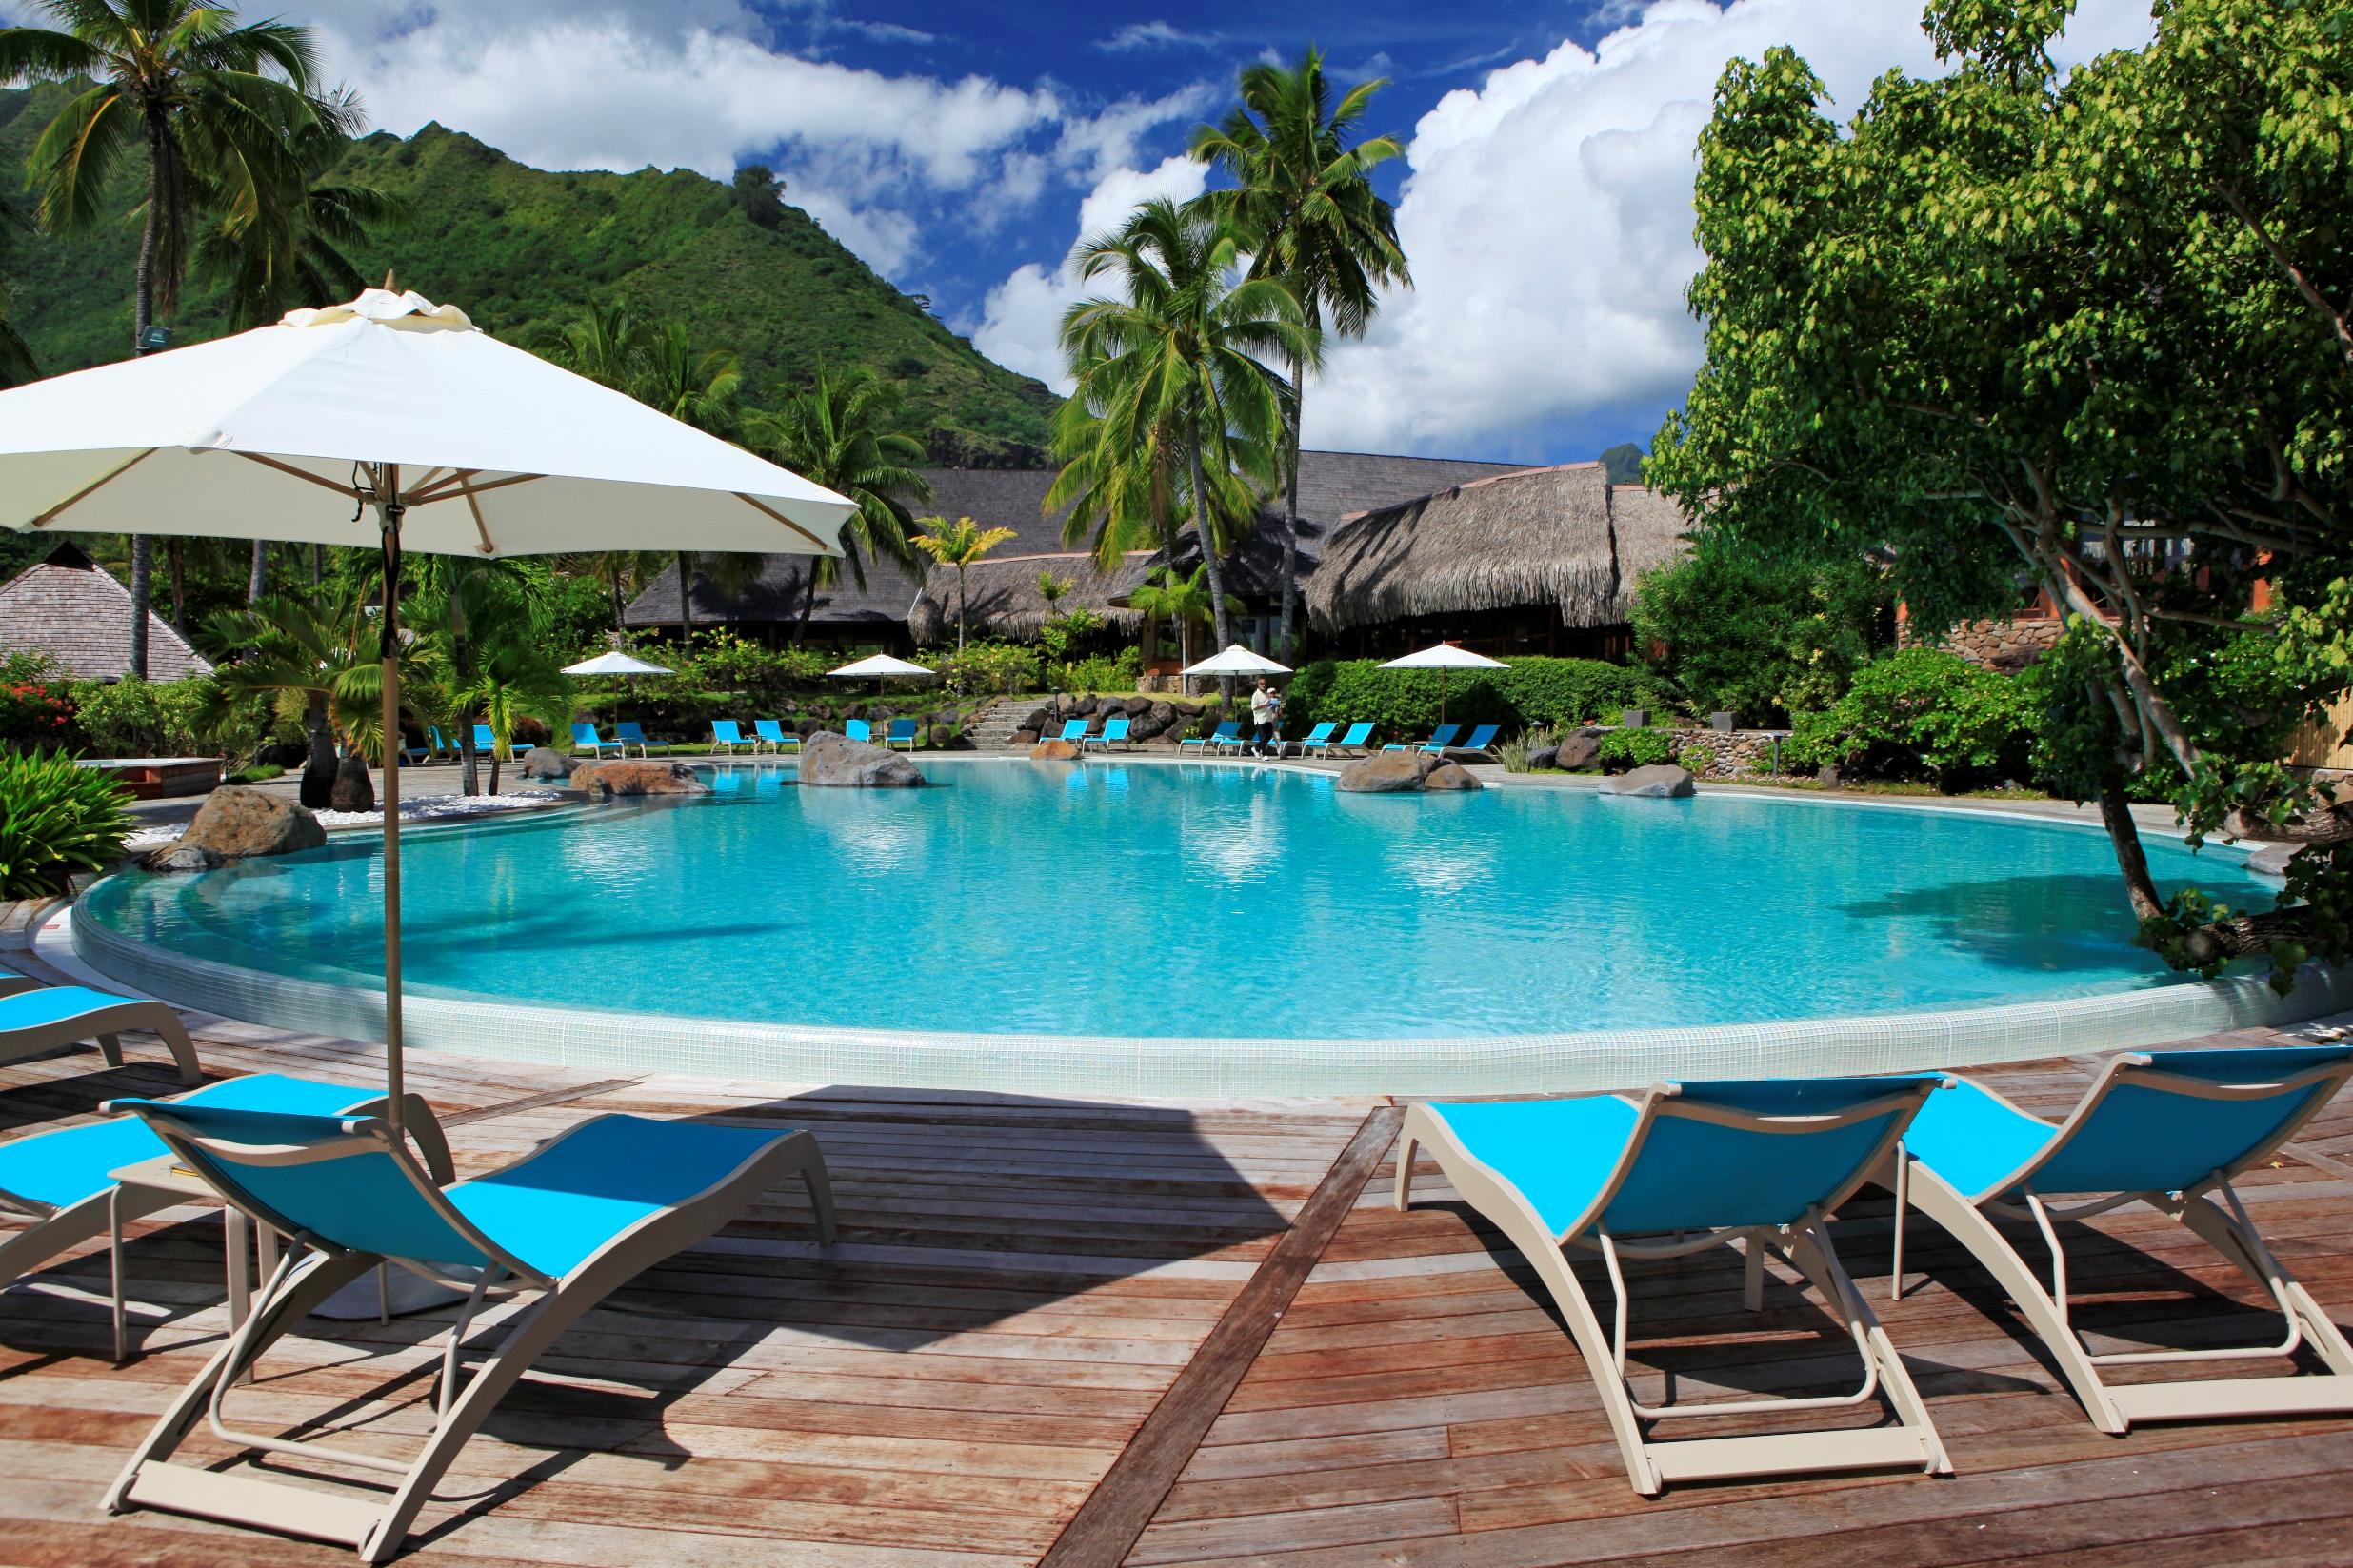 https://tahititourisme.com/wp-content/uploads/2017/11/MOZ-Hilton-Moorea-Swimming-Pool-1.jpg